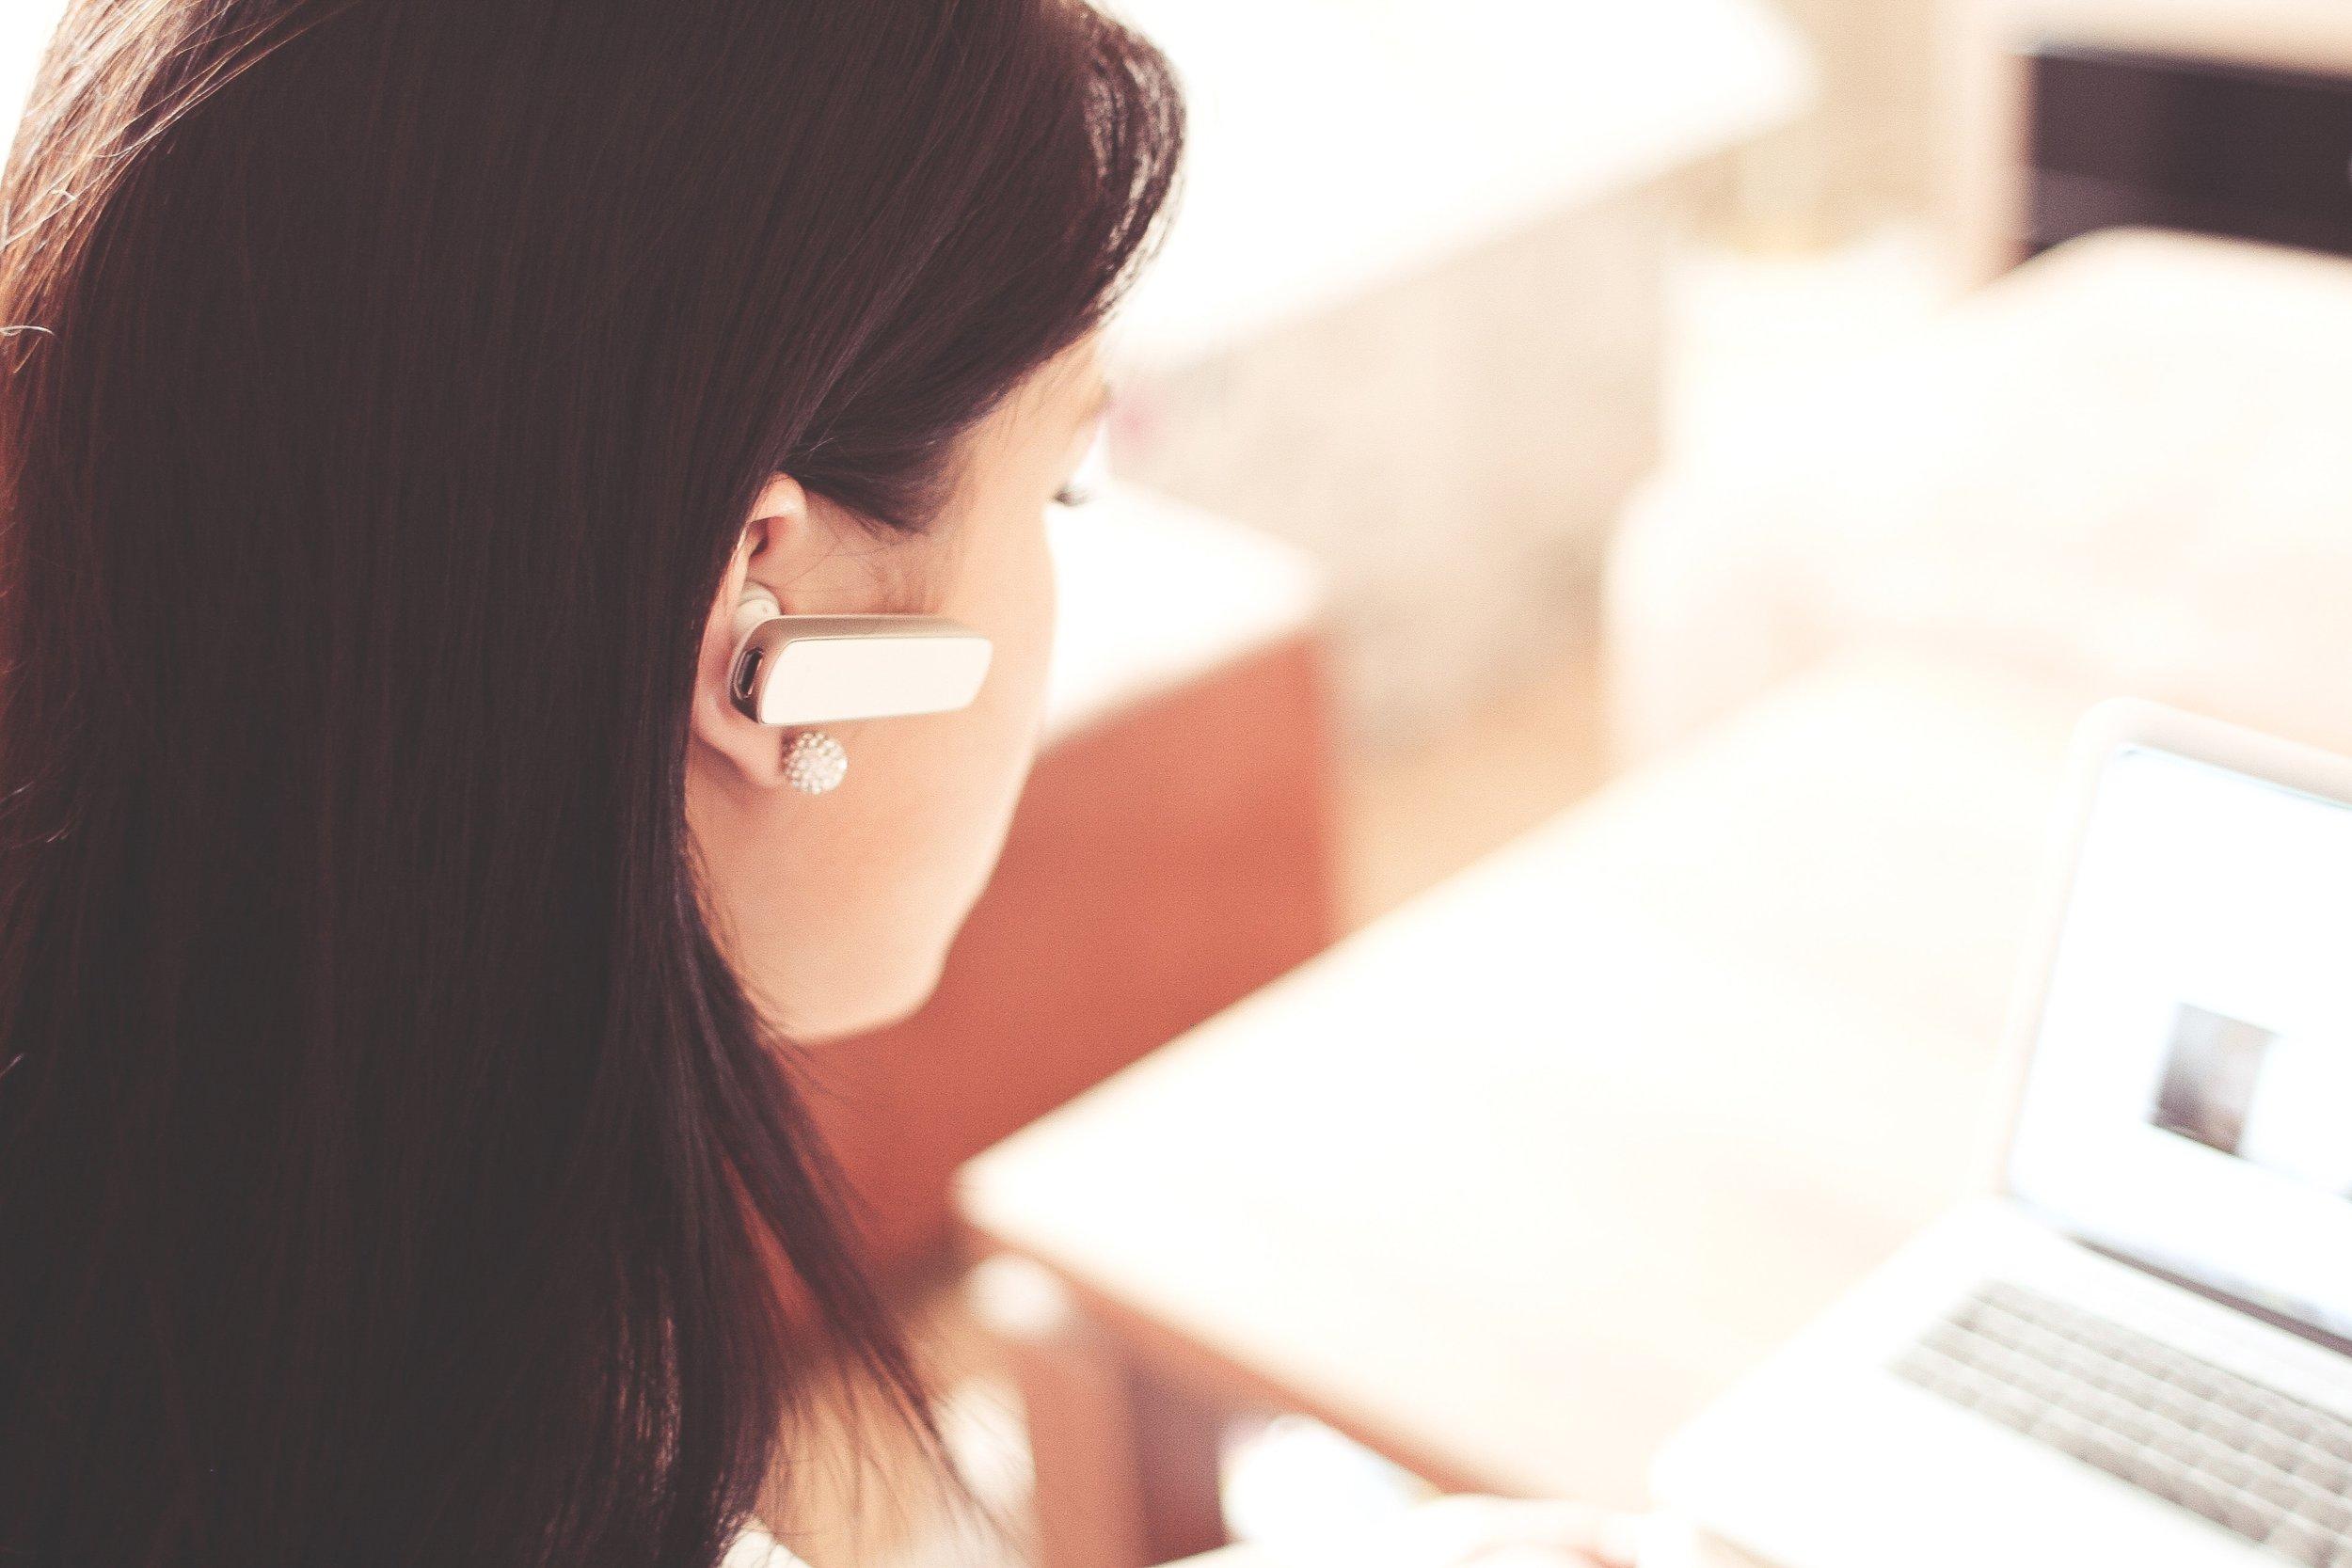 Kontakta oss - Ring, e-posta eller chatta med oss